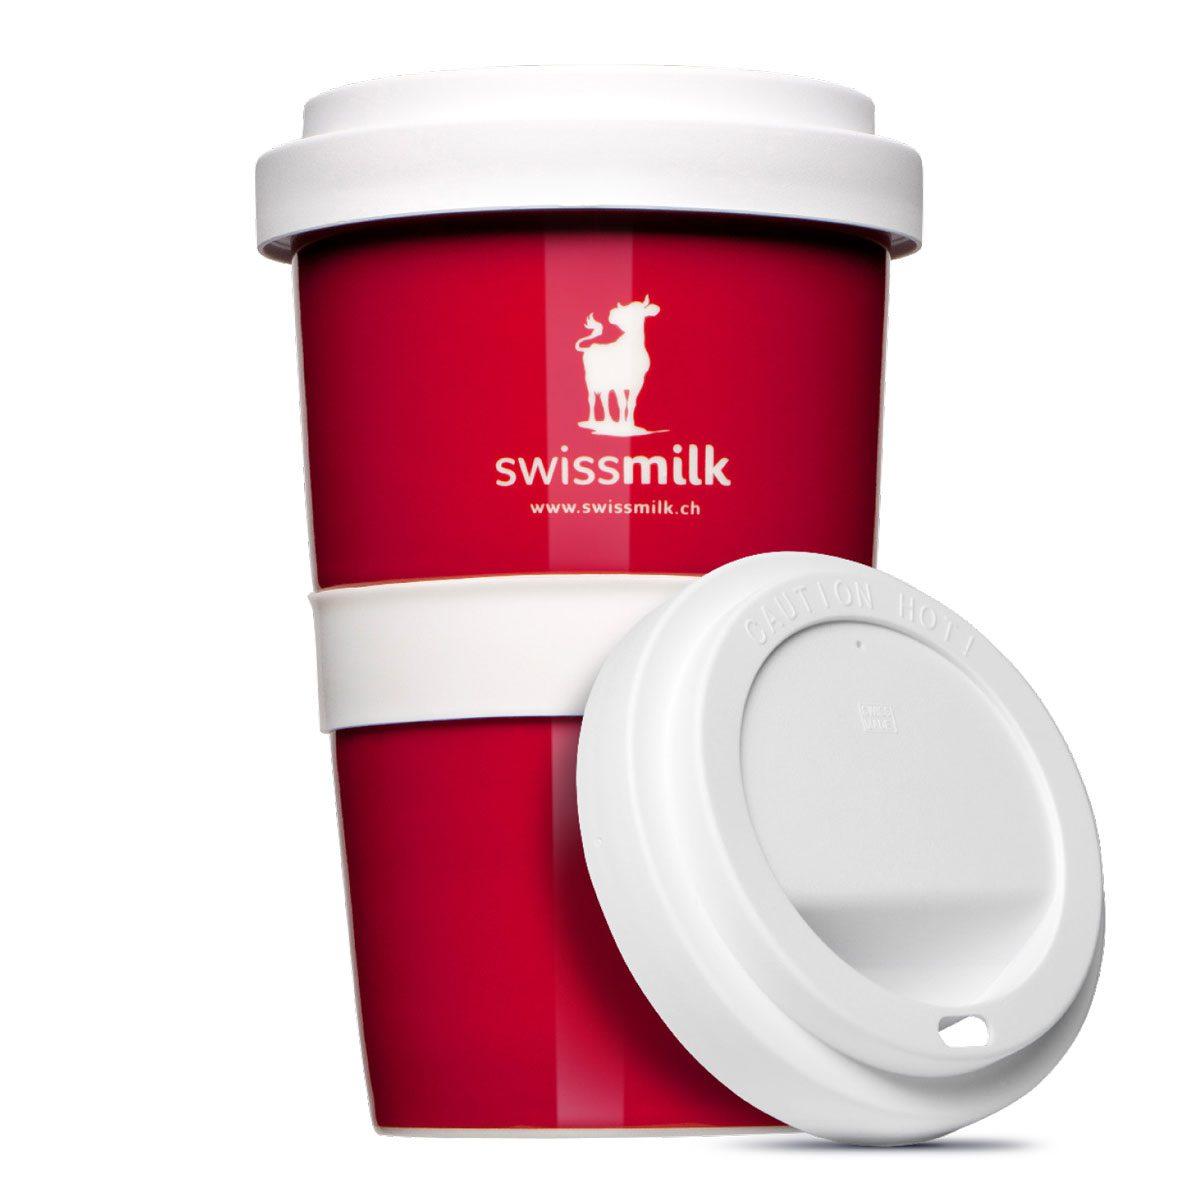 Kaffeetasse mit Deckel für unterwegs mit Logo bedruckt - Mahlwerck Porzellan